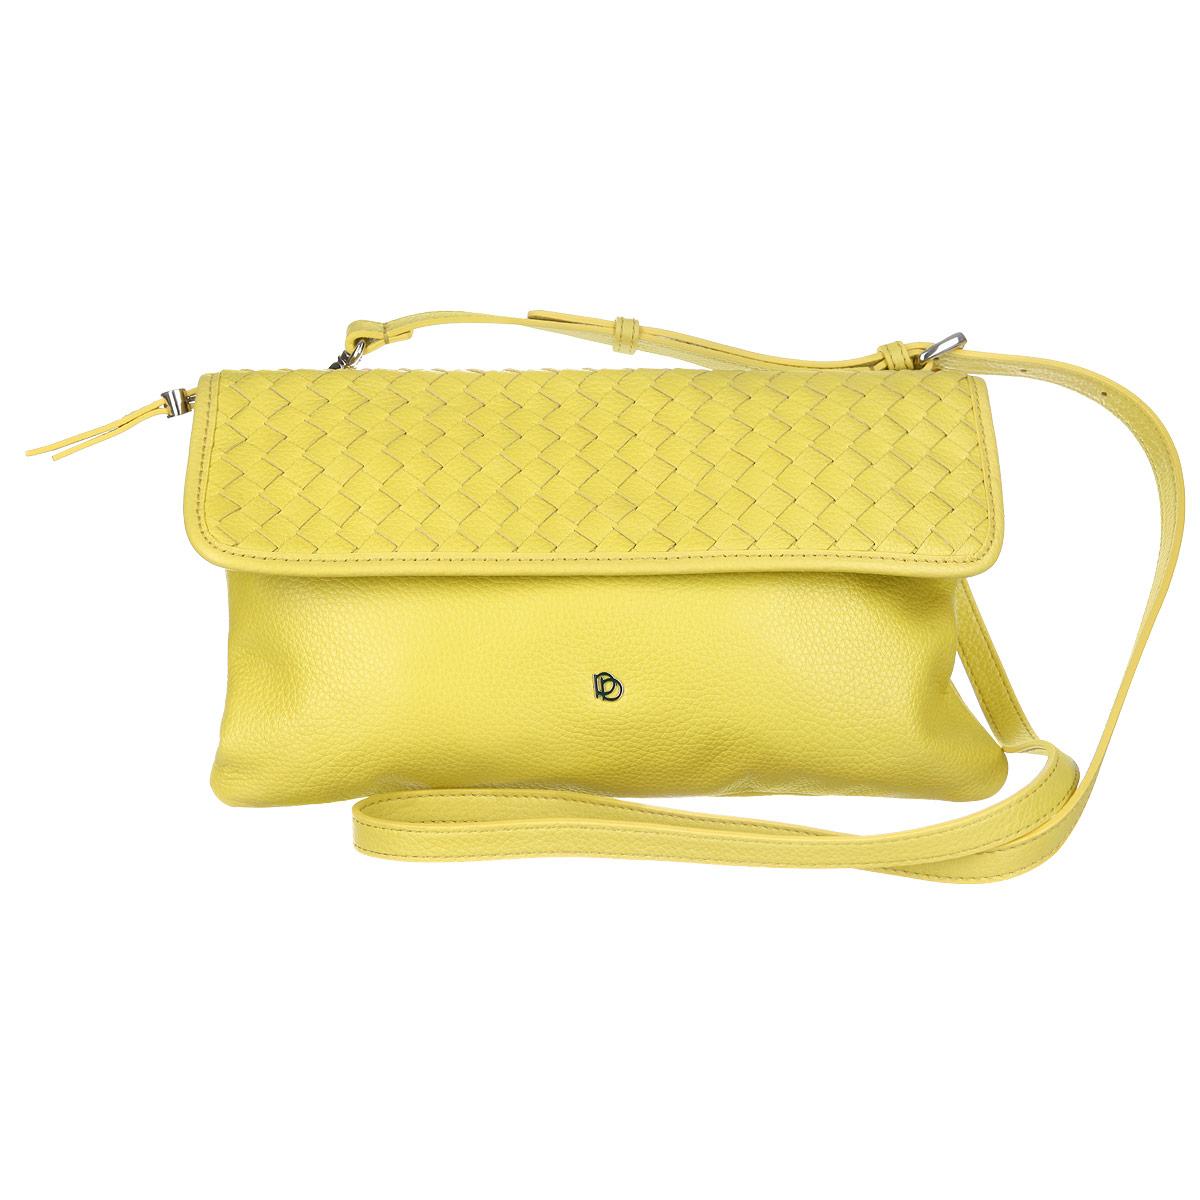 Сумка женская Pimobetti, цвет: желтый. 13832B-W113832B-W1_желтыйСумка женская Pimobetti выполнена из натуральной кожи, украшена металлической накладкой с логотипом бренда. Сумка с одним отделением, закрывающимся на молнию. Внутри один карман на молнии и два кармашка для мелочей. На задней поверхности сумки один врезной карман на молнии. Сумка снабжена съемным ремнем. Ремень крепится по бокам сумки с помощью карабинов, длина регулируется пряжкой.